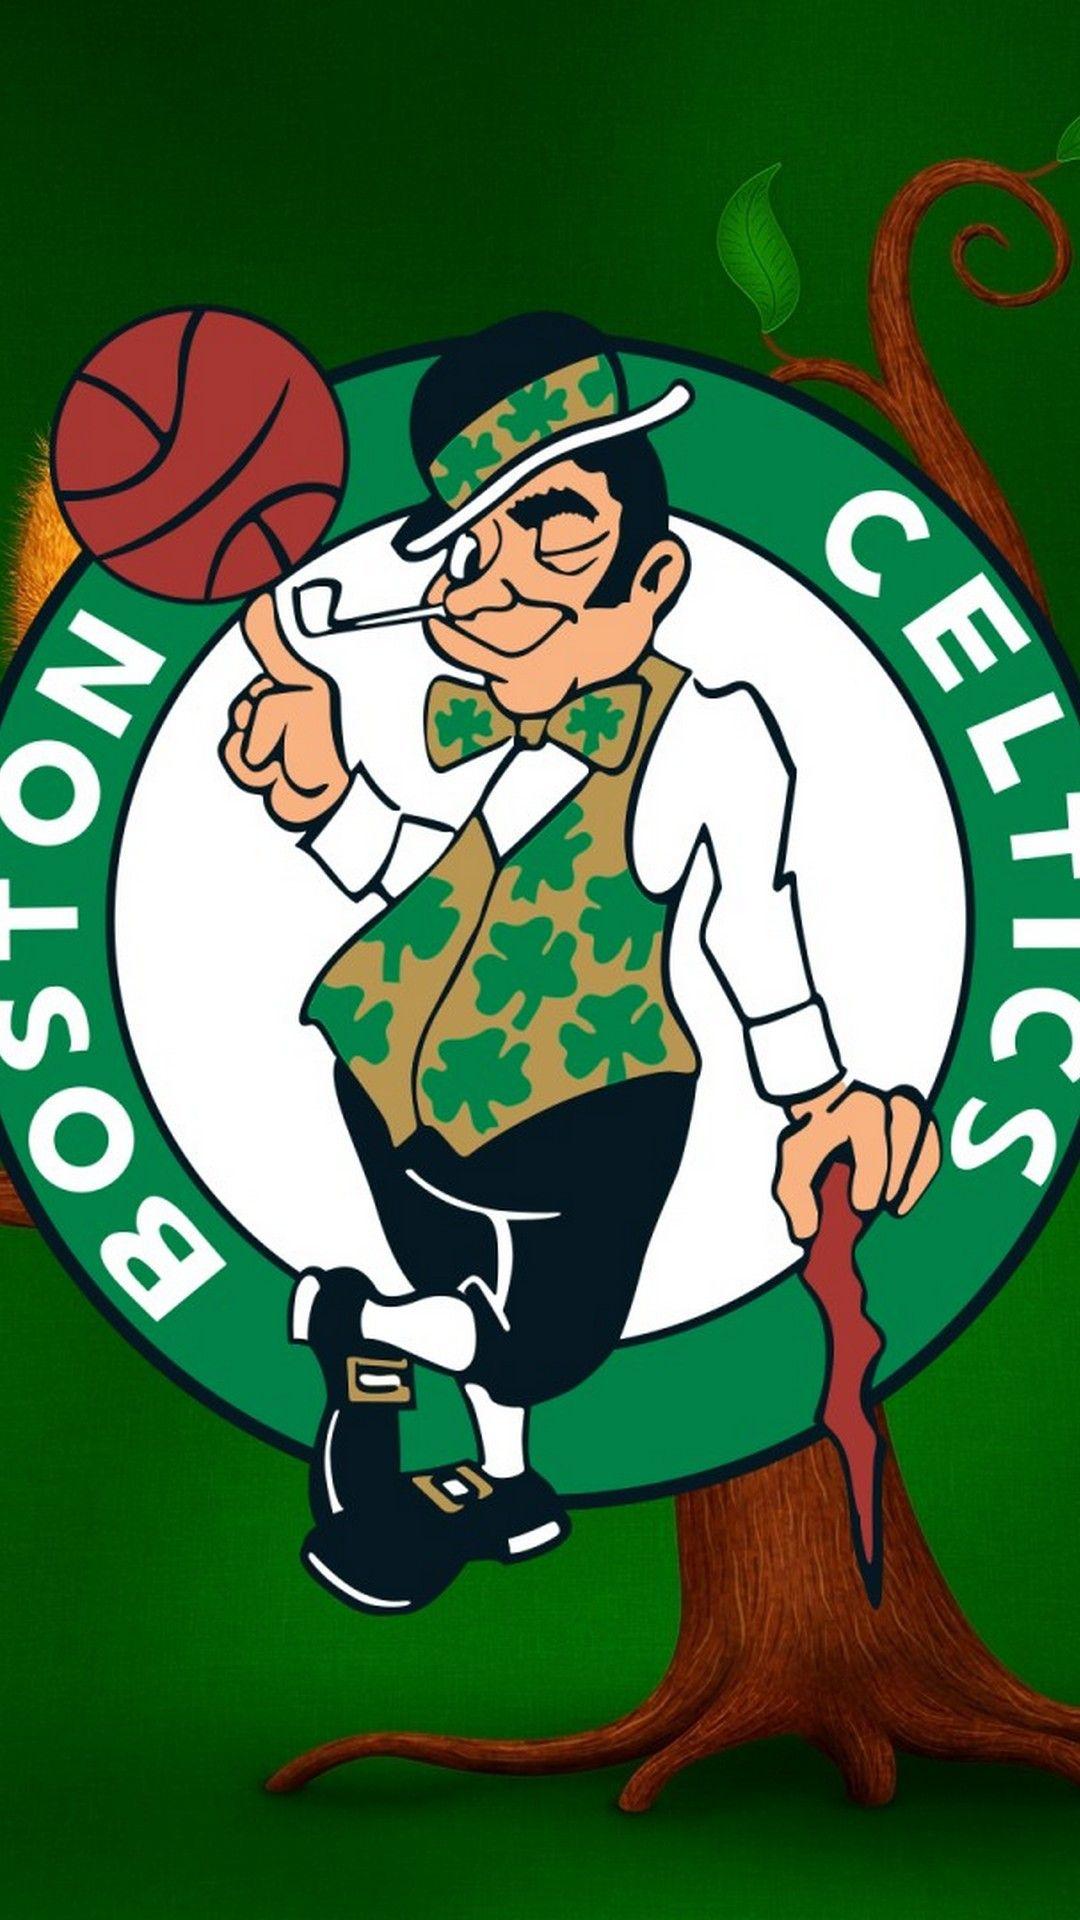 Wallpaper Boston Celtics Android Best Mobile Wallpaper